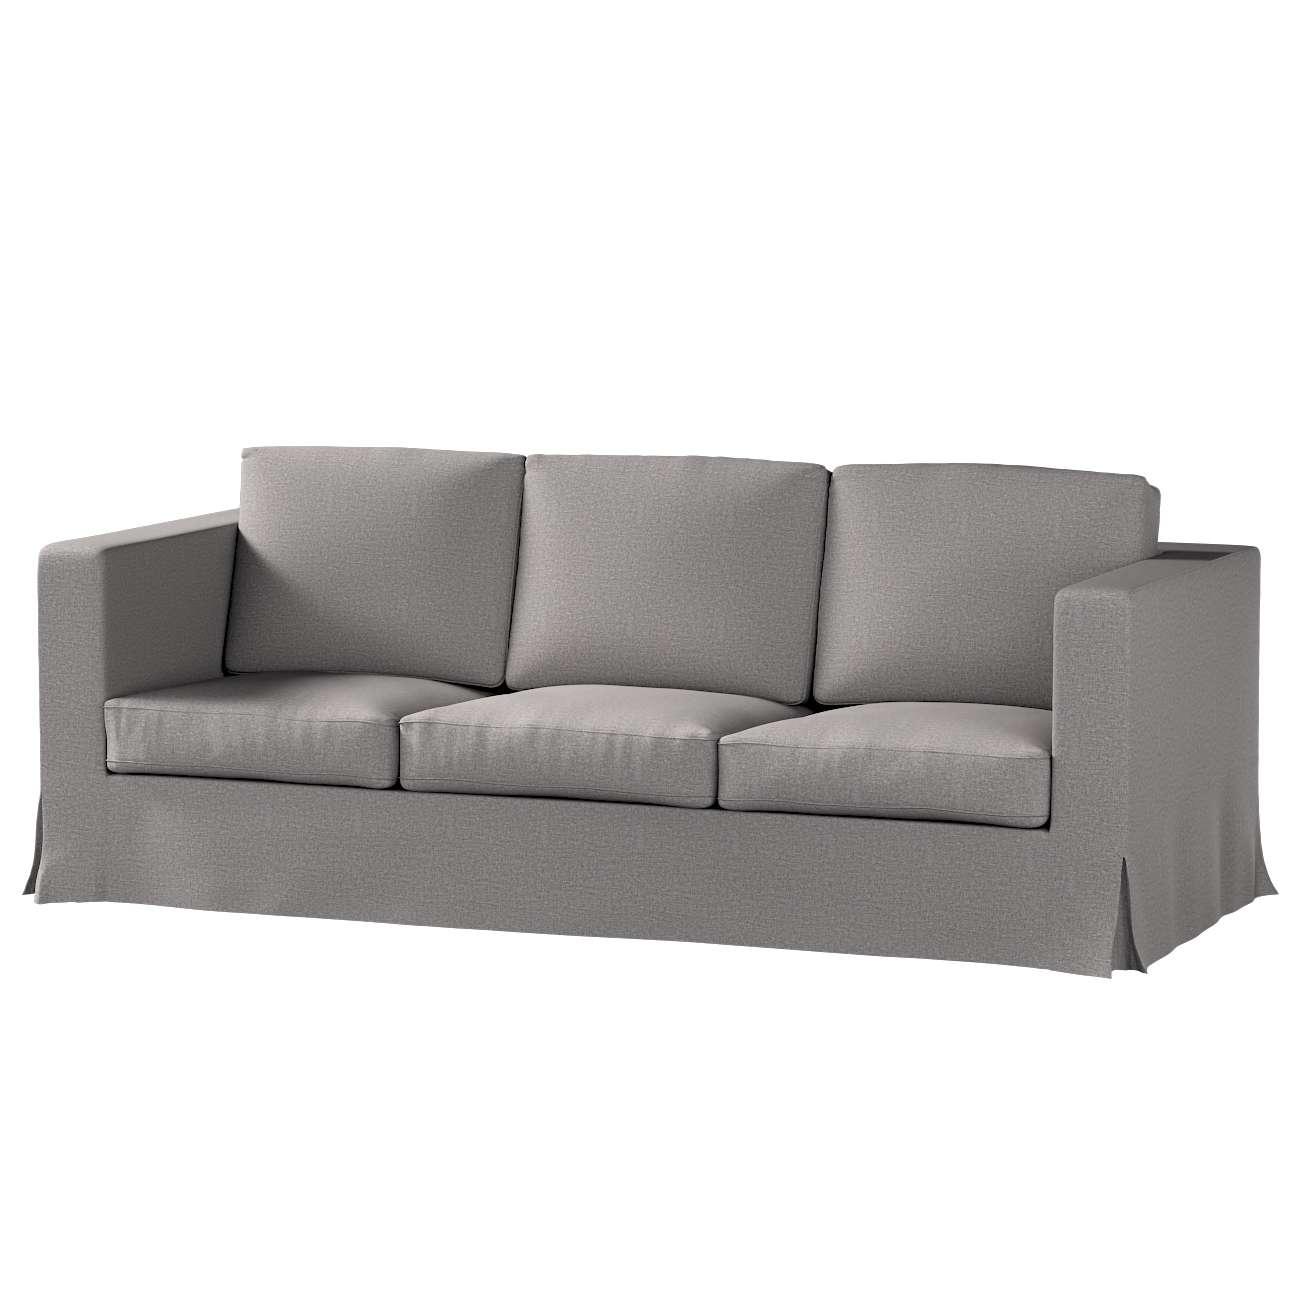 Pokrowiec na sofę Karlanda 3-osobową nierozkładaną, długi Sofa Karlanda 3-os w kolekcji Edinburgh, tkanina: 115-81